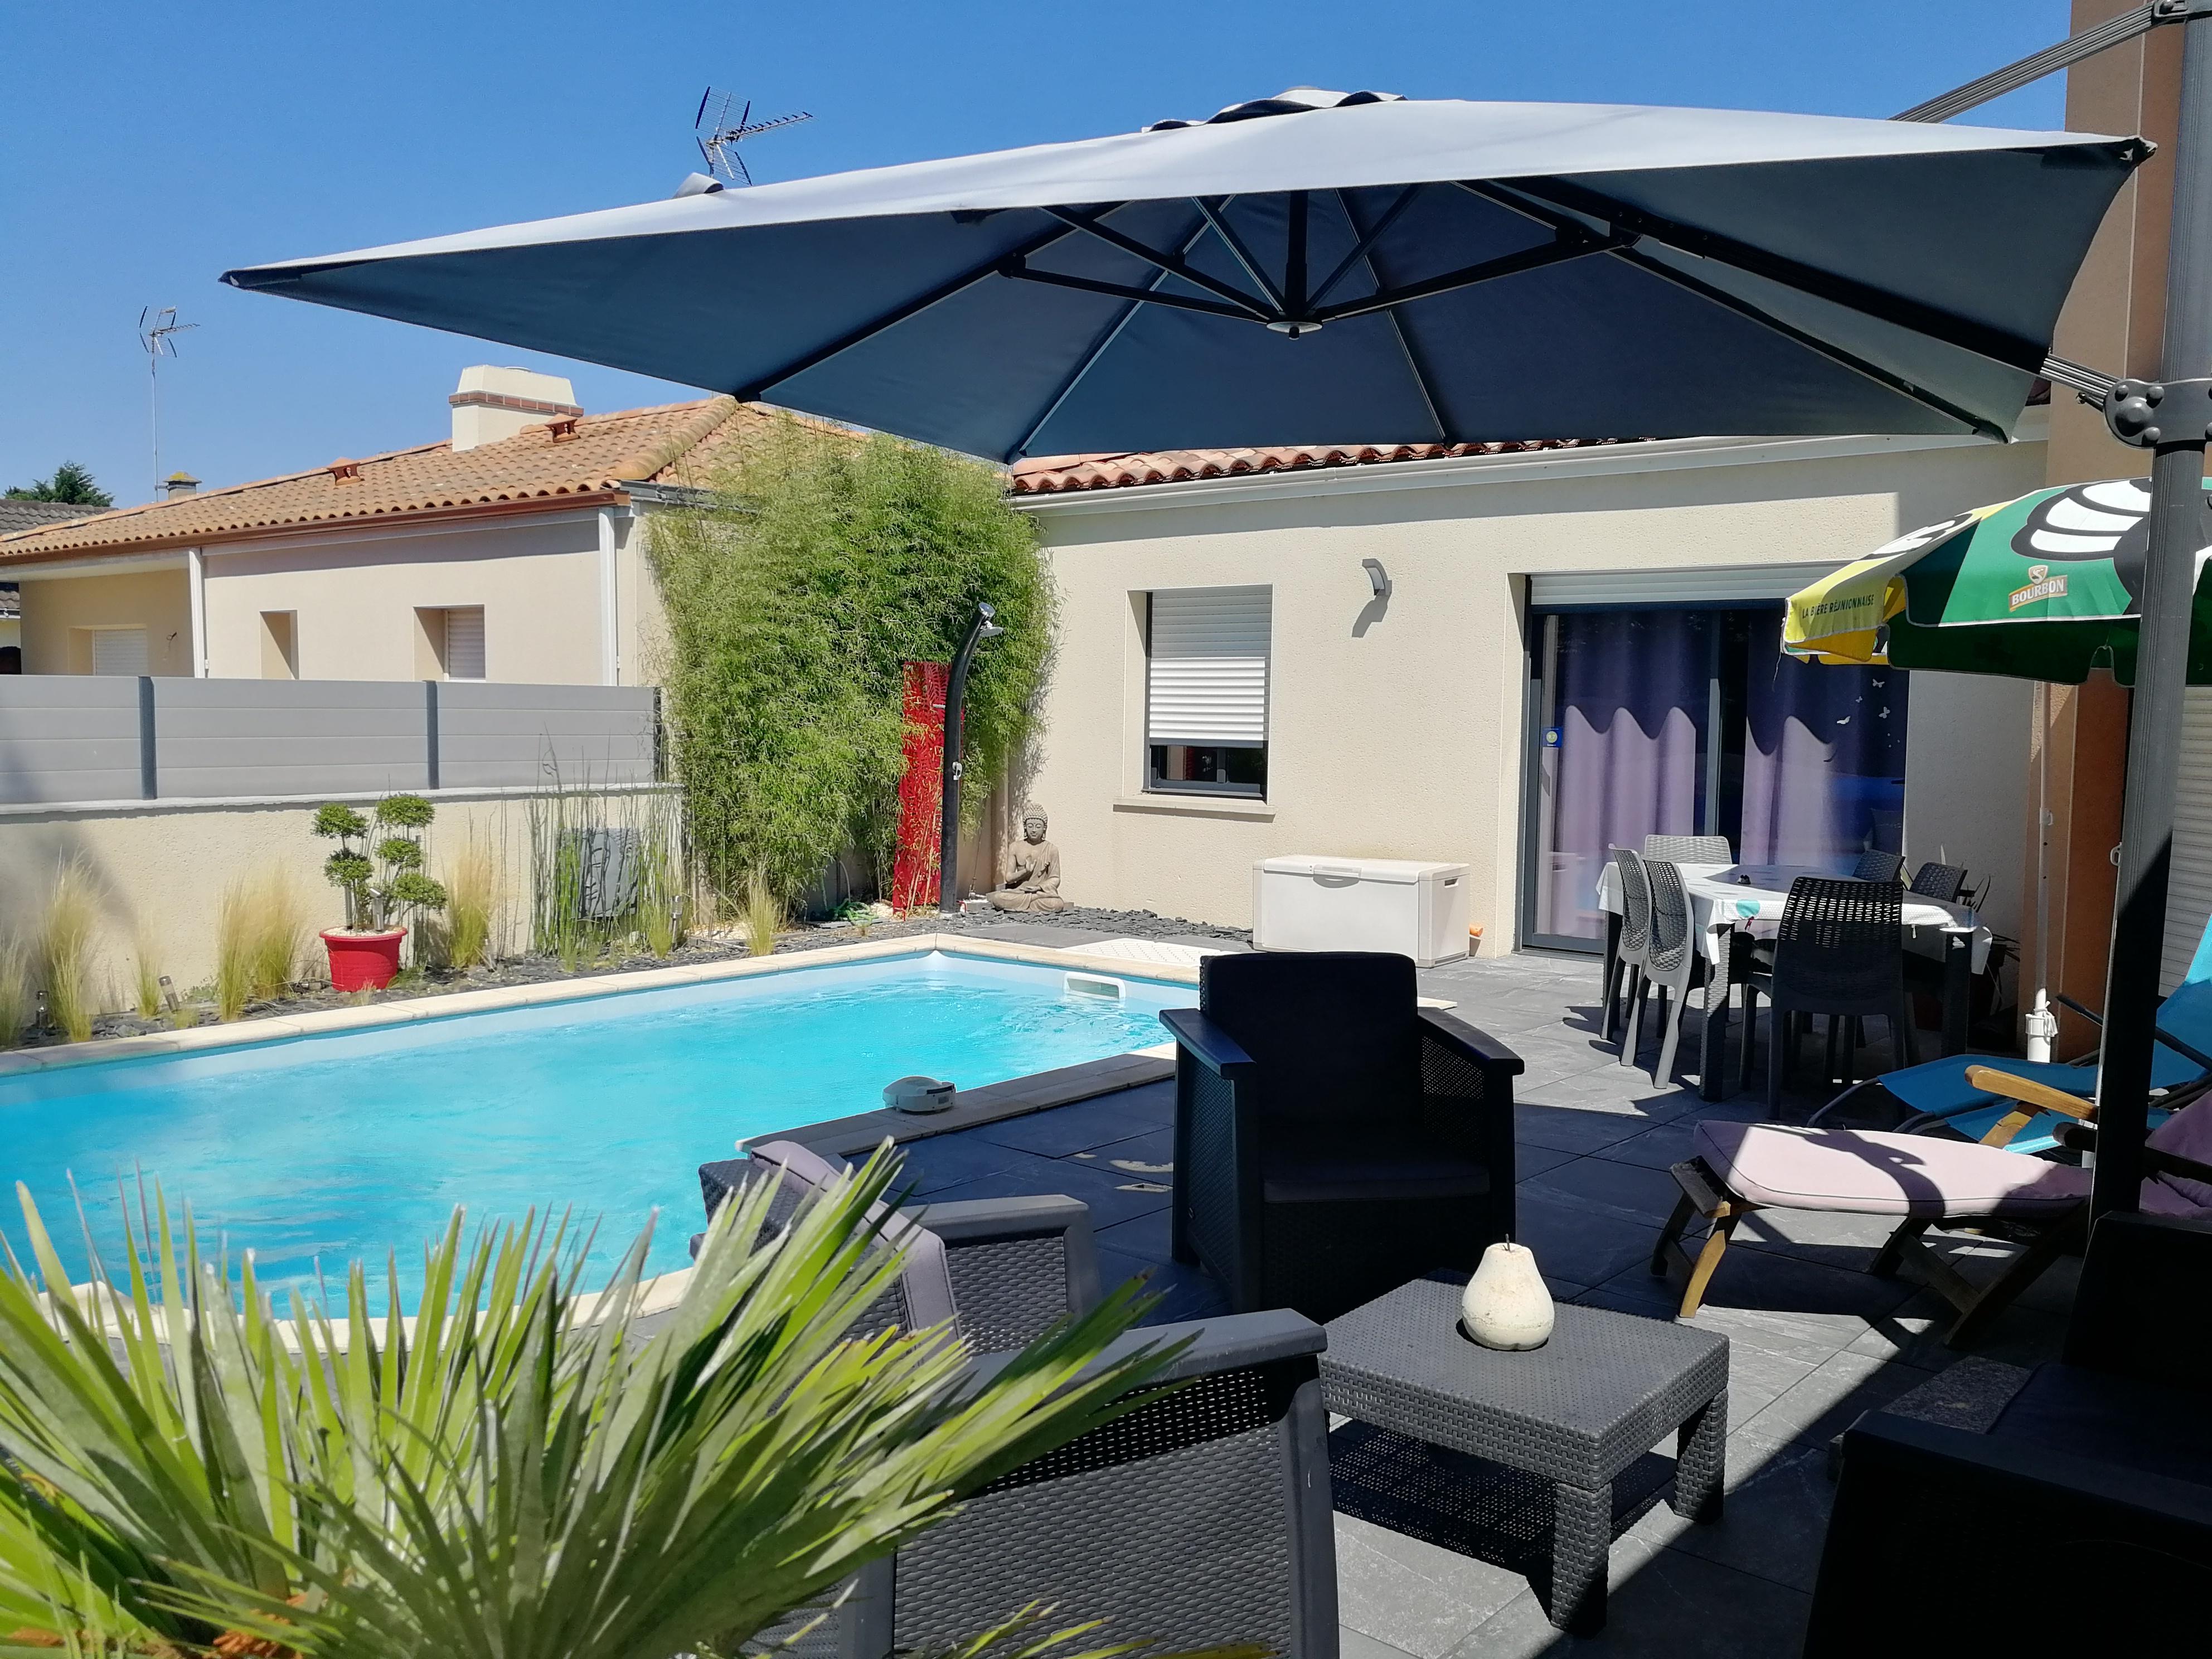 Location T2 terrasse piscine 03